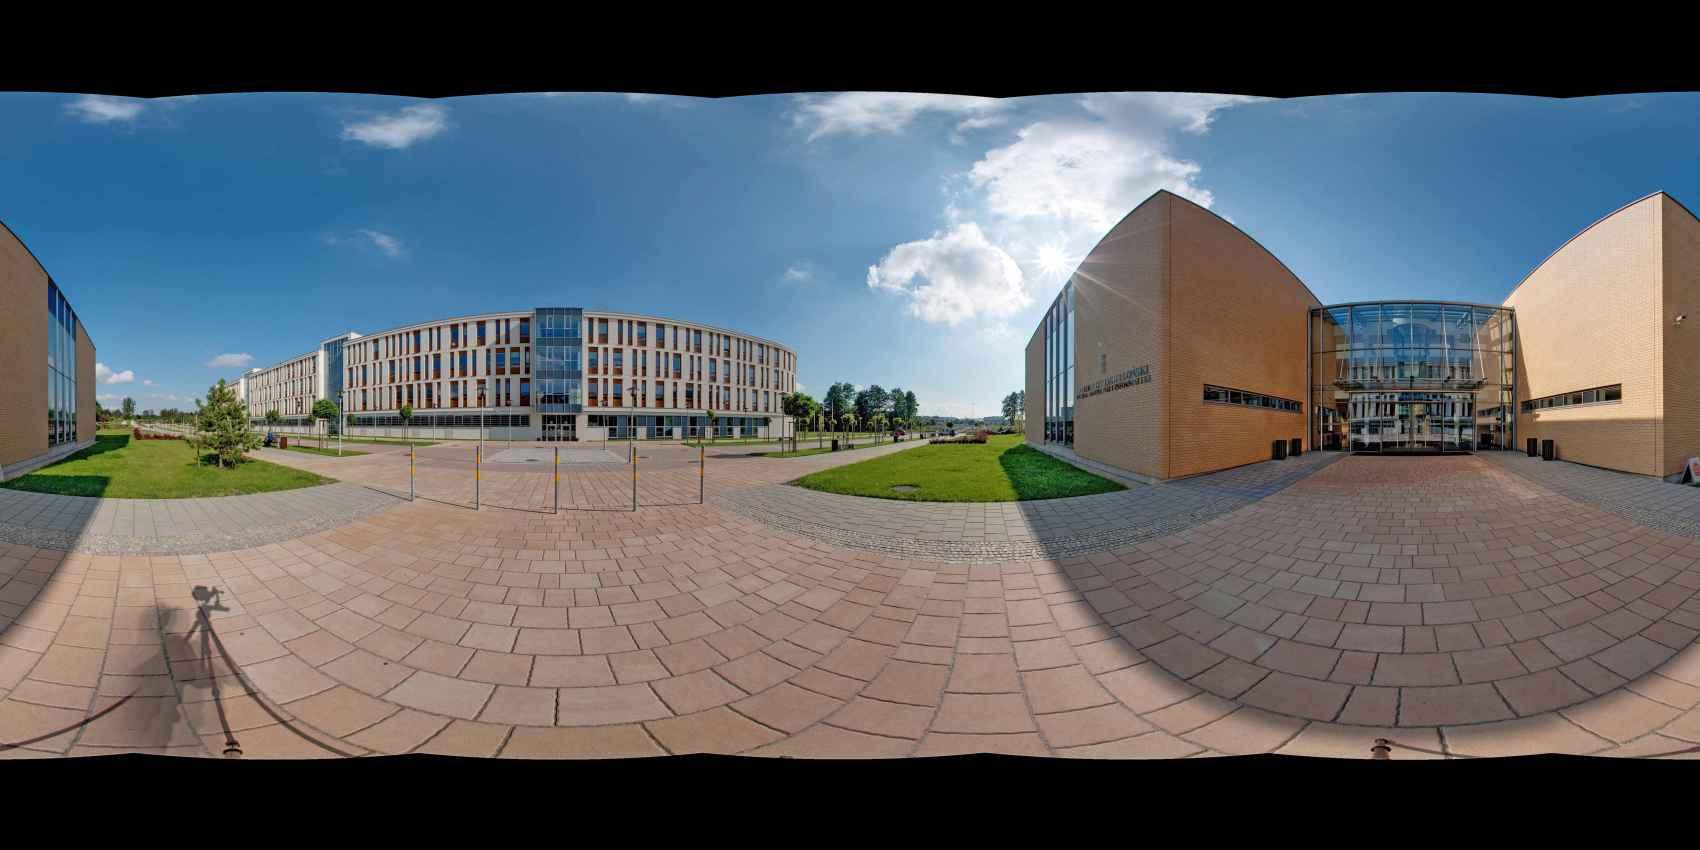 Prezentacja panoramiczna dla obiektu temp_UJ_Aga